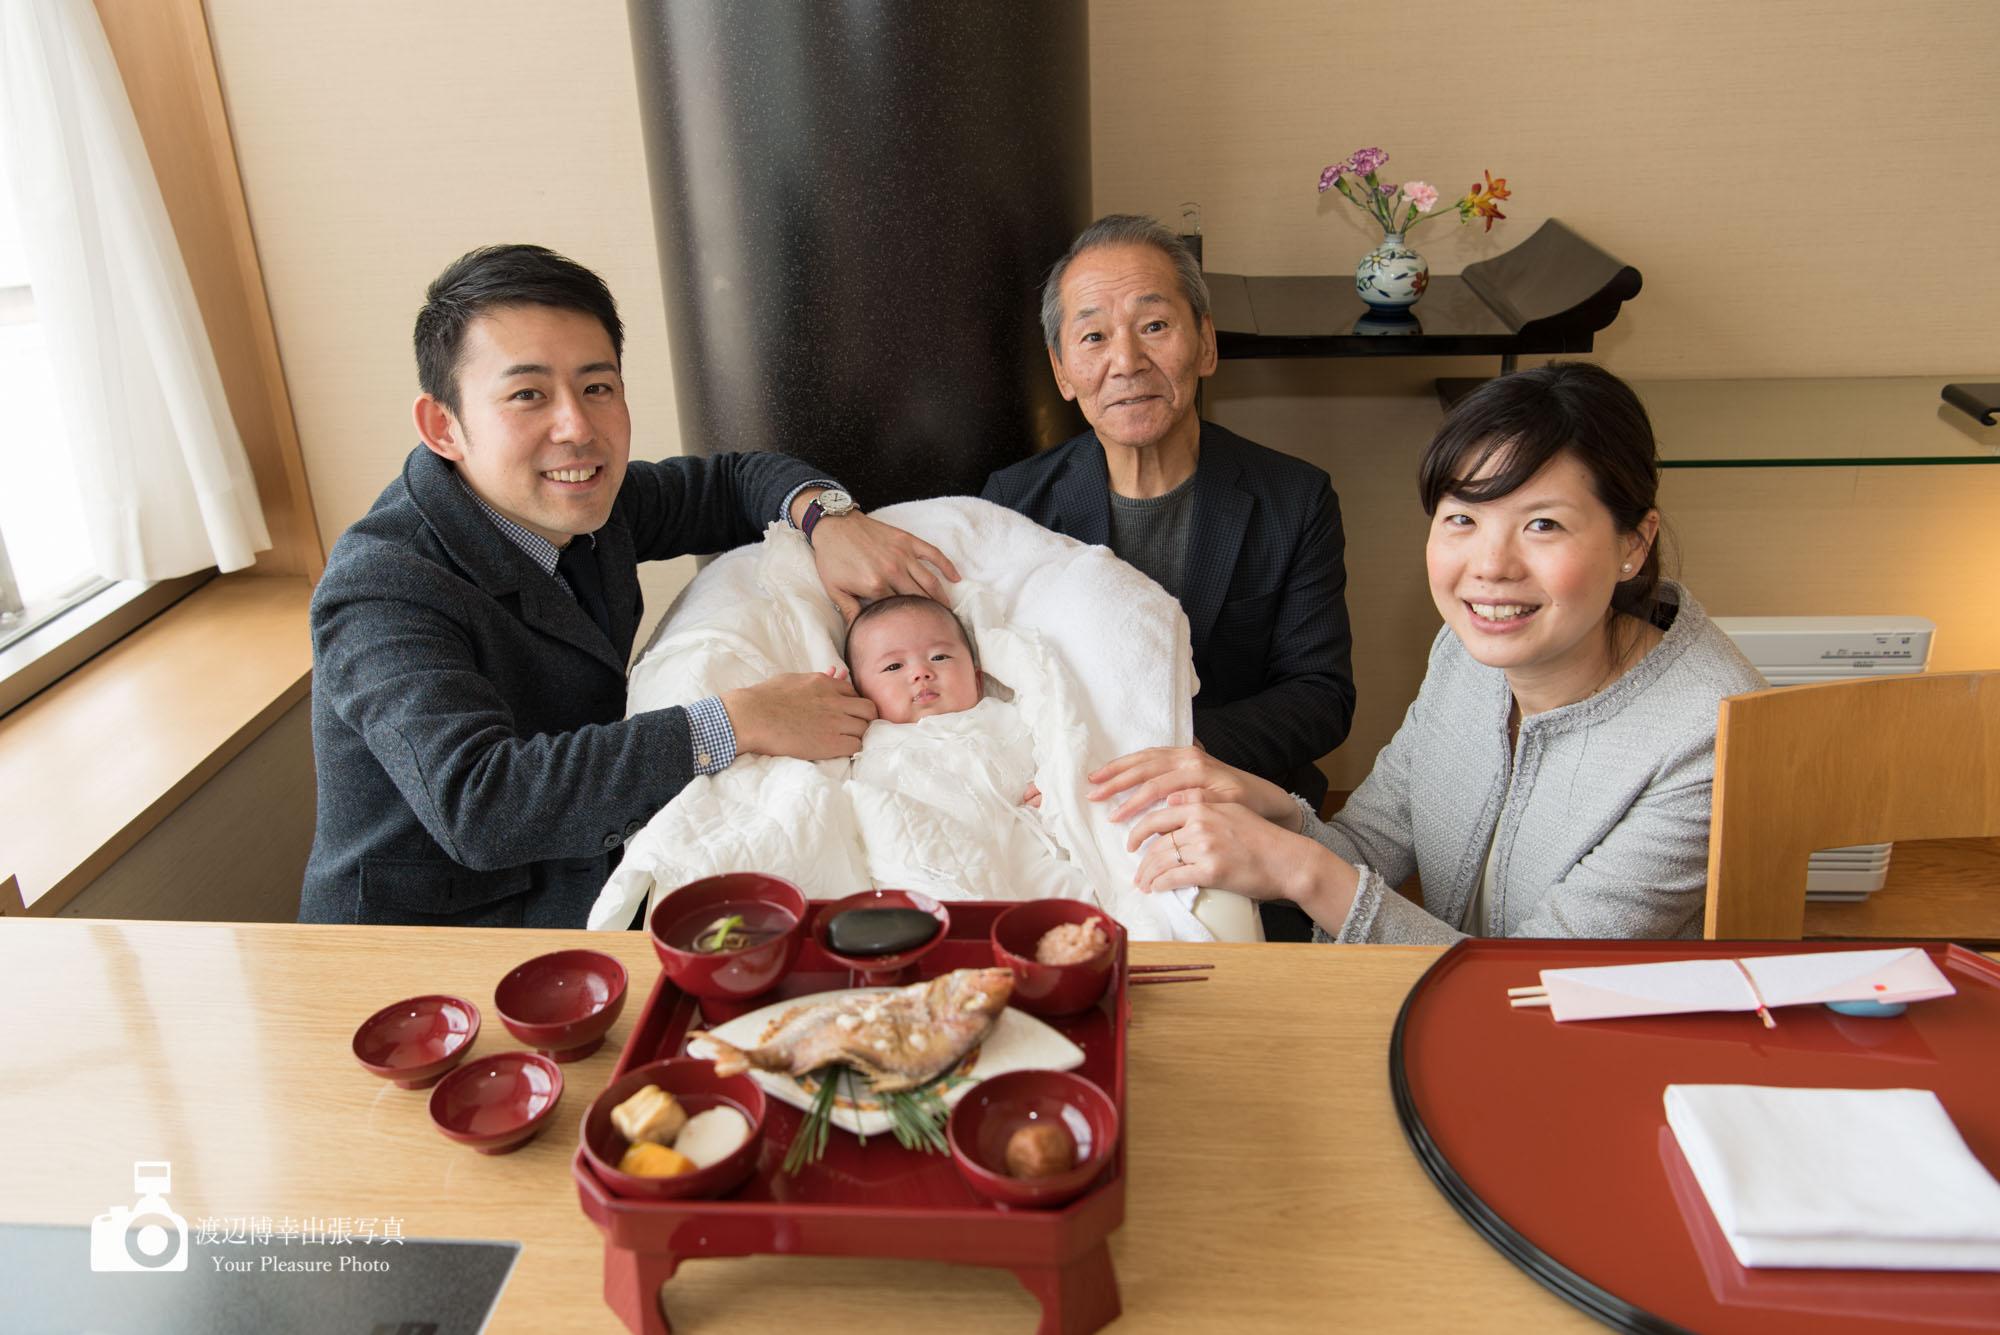 お食い初めの赤ちゃんを囲んで写真